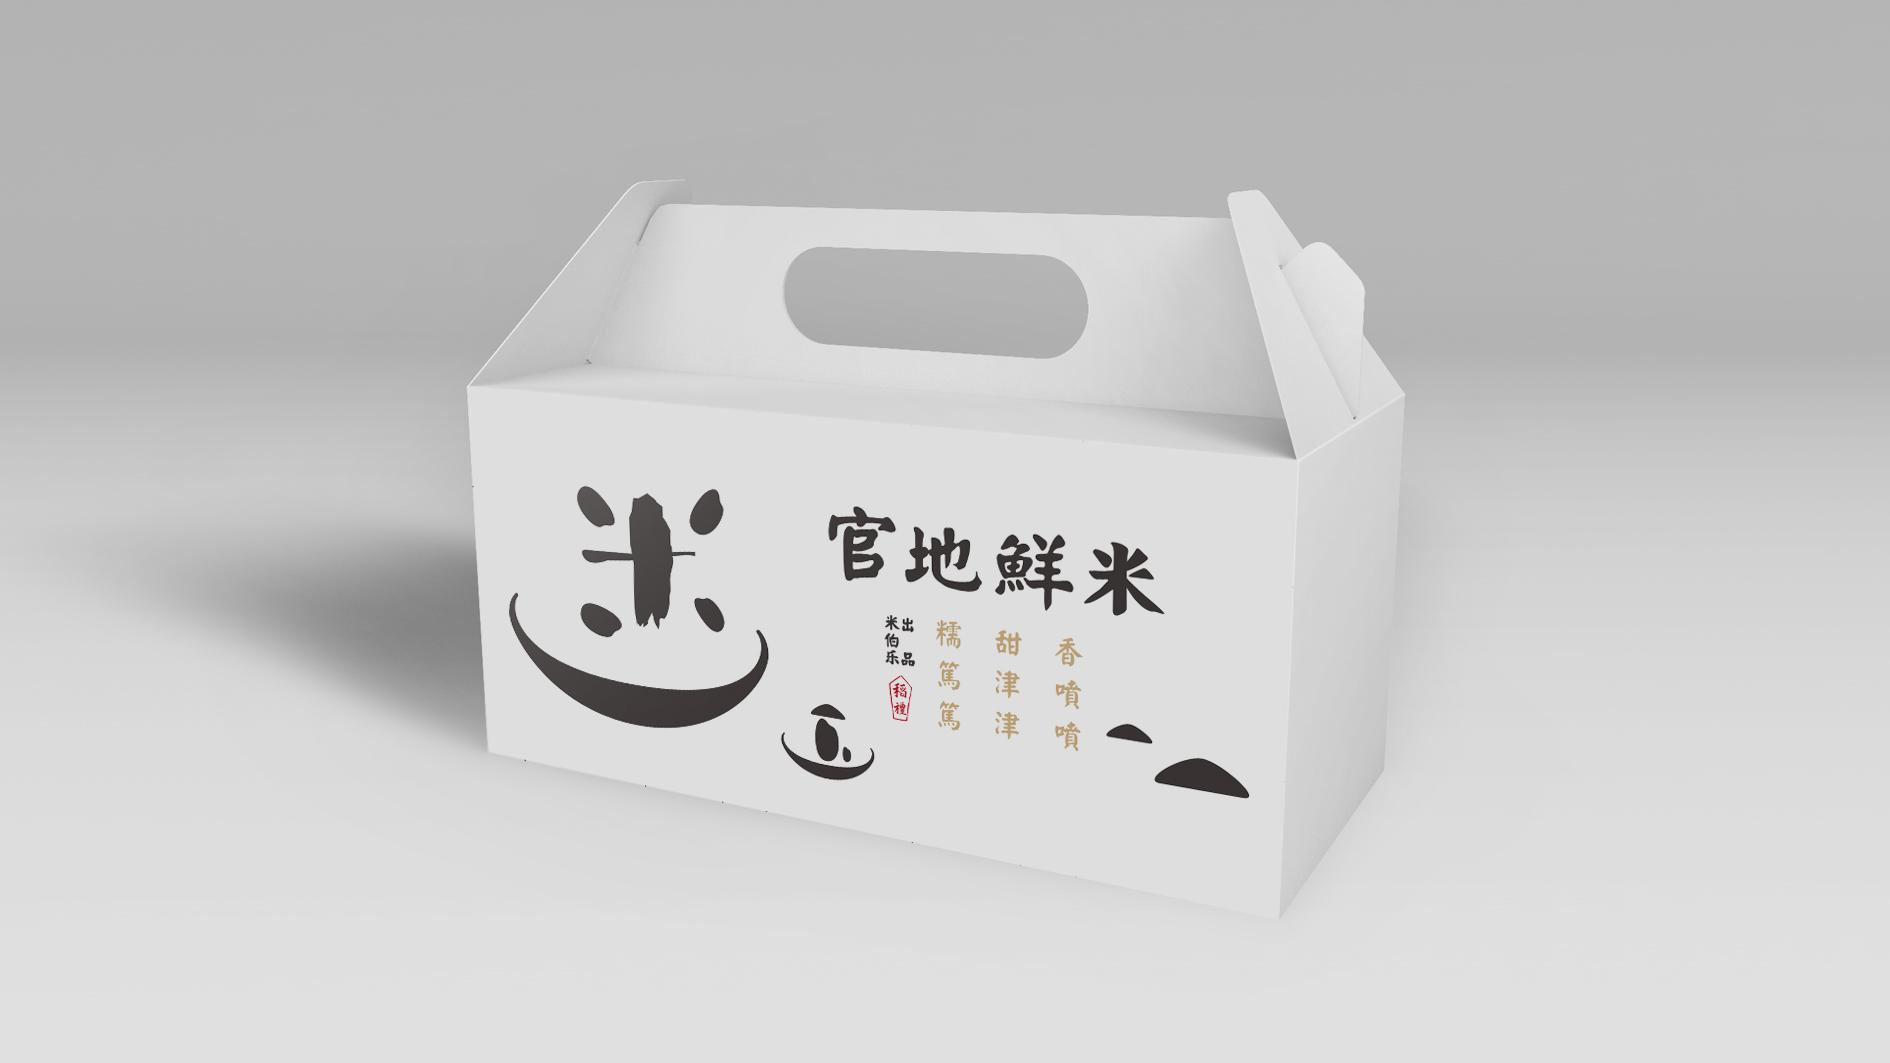 米伯樂公司包裝設計